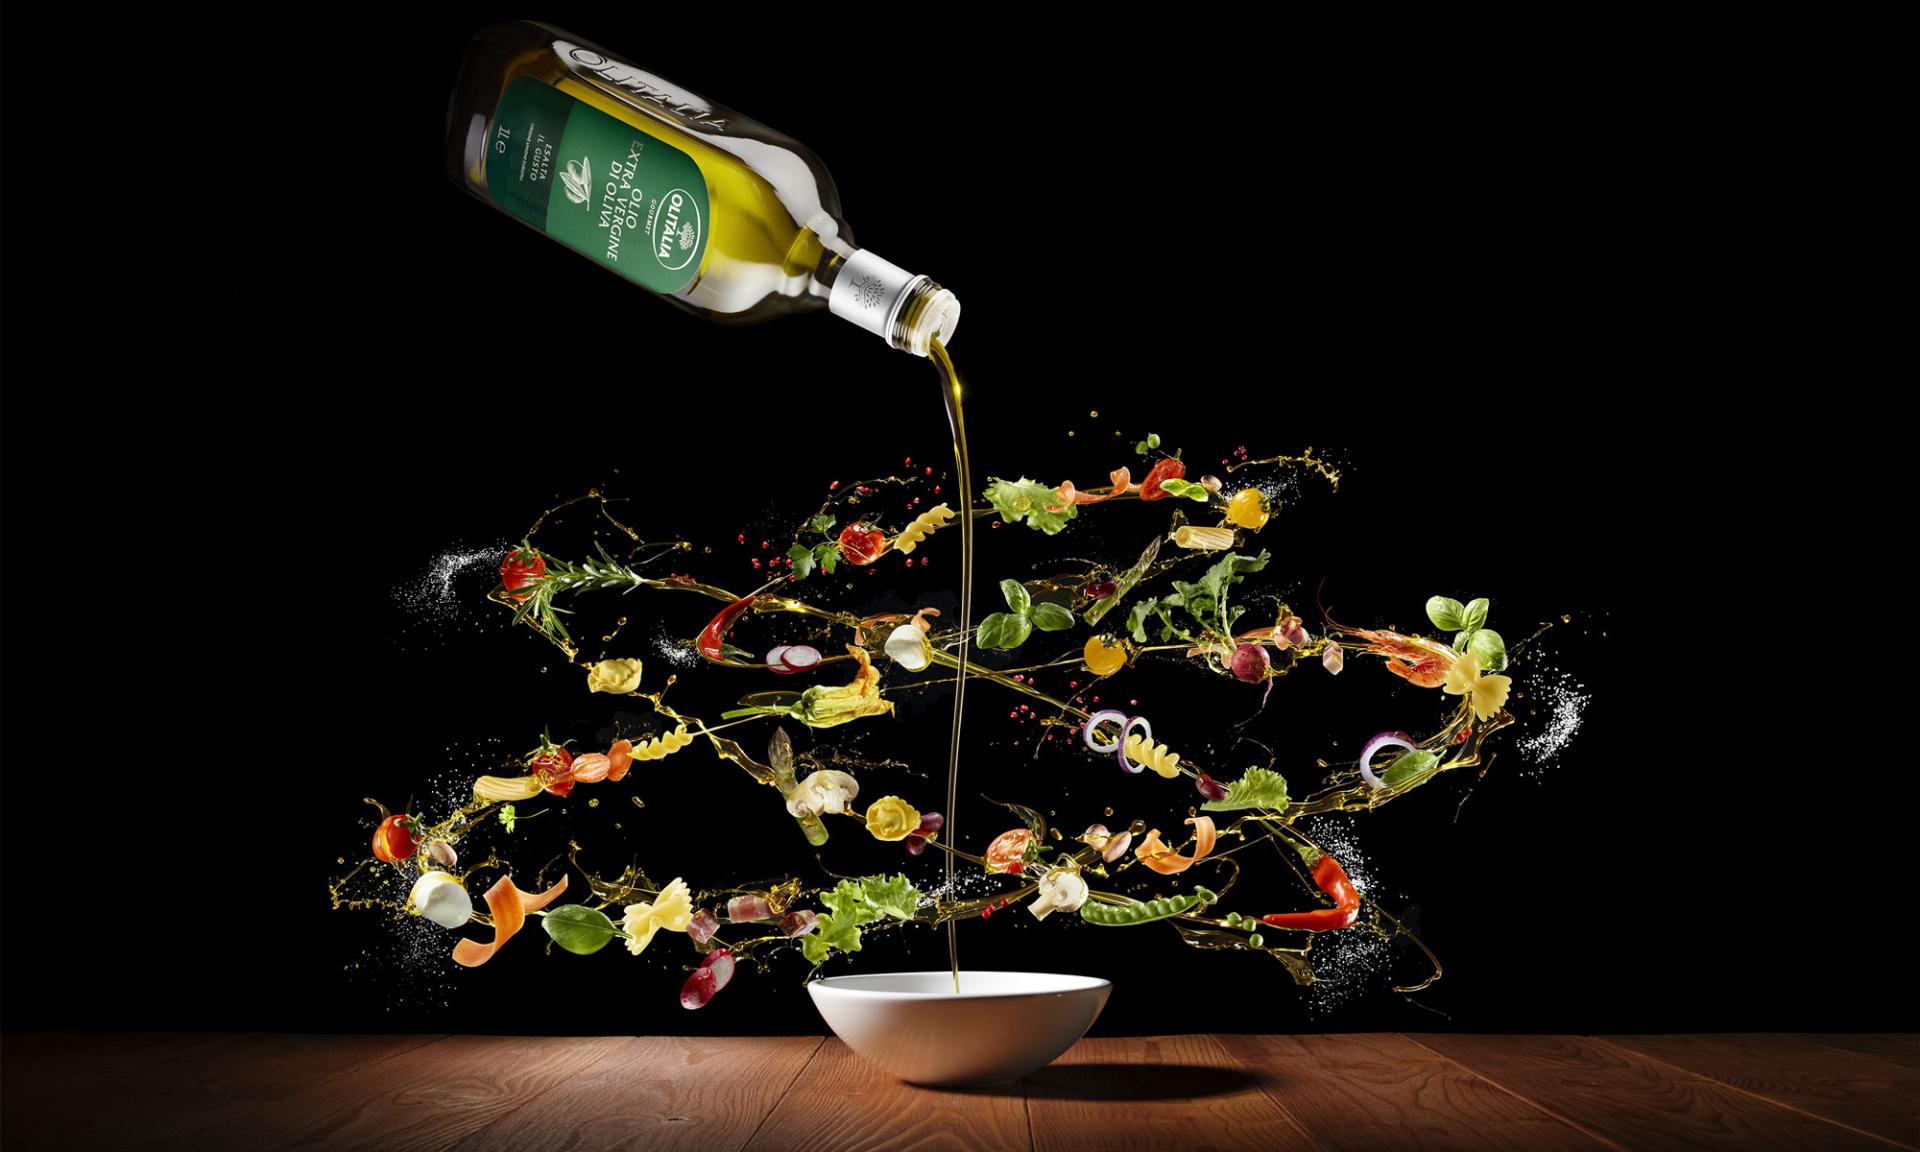 È Olitalia la marca preferita dagli chef italiani